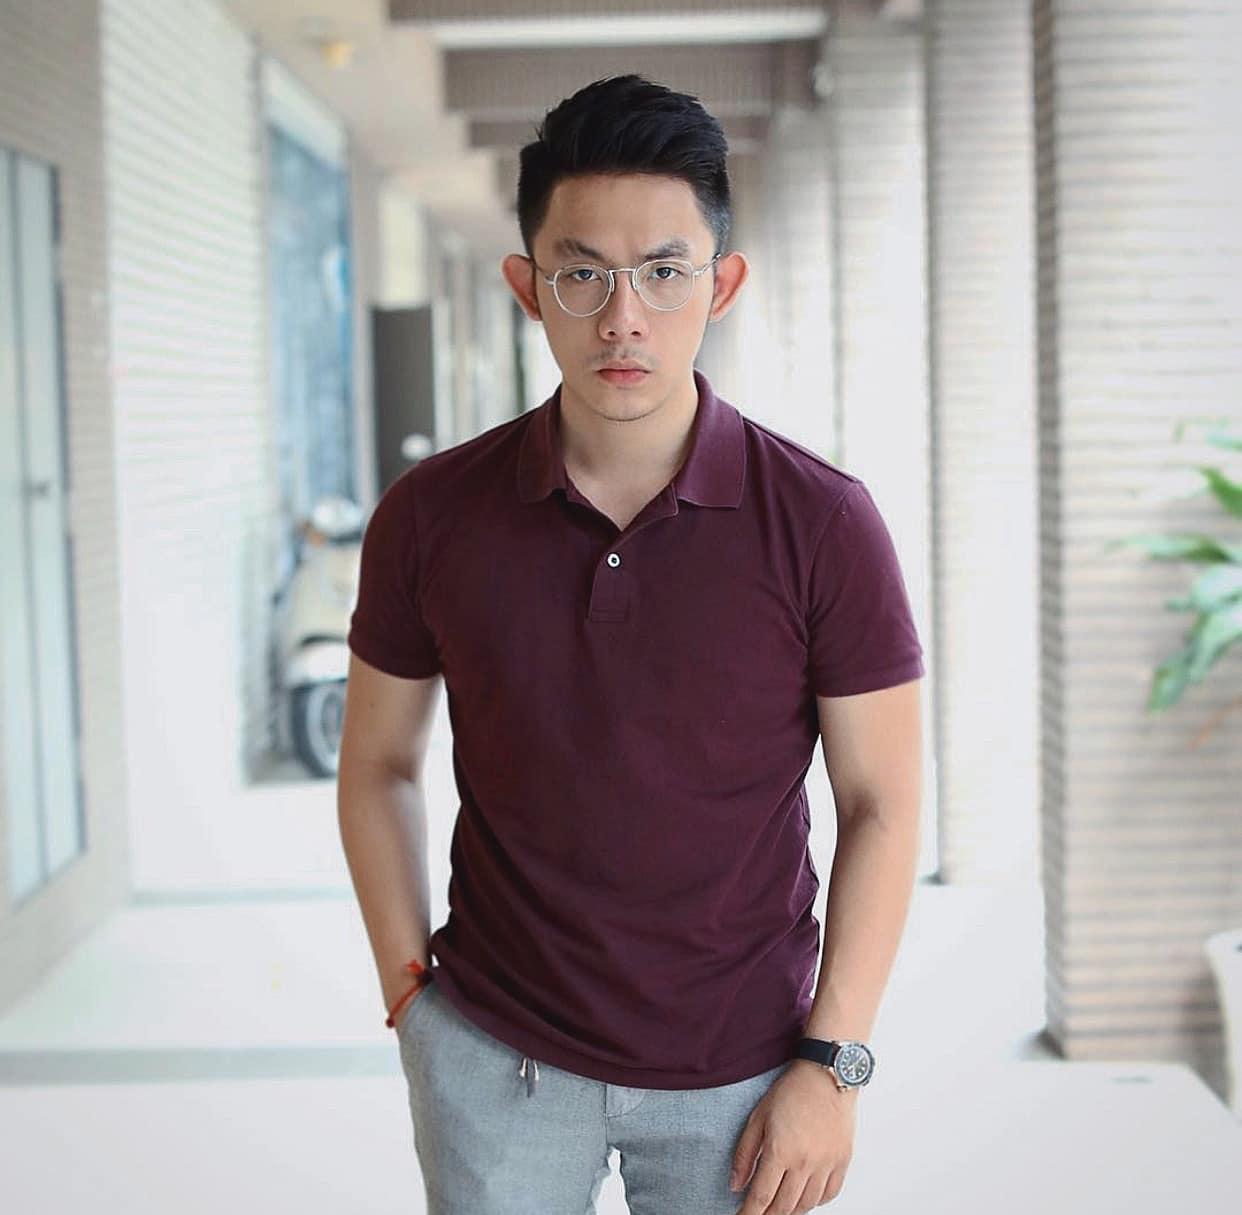 Bà xã Bùi Tiến Dũng bất ngờ tiết lộ từng học chung với nam CEO Tống Đông Khuê, thêm tình tiết nghi vấn thiếu gia 21 tuổi 'chém gió'? 4